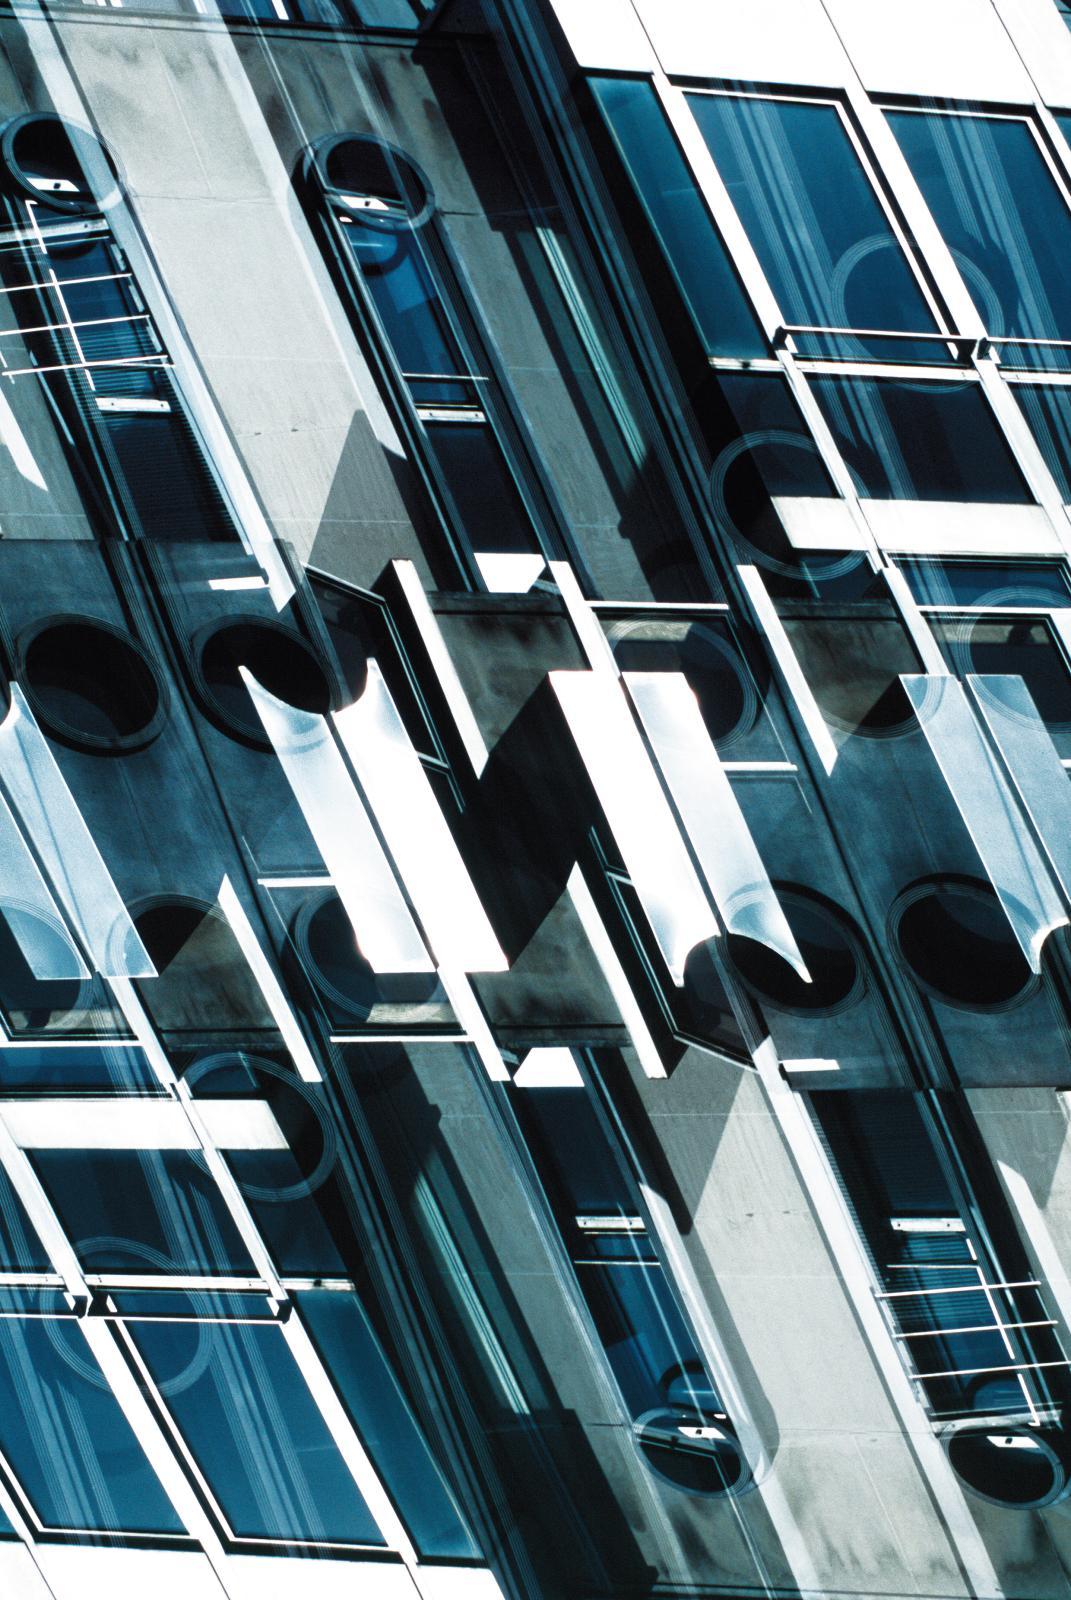 Olivier Dassault, Composition7, avril 2014, immeuble Drouot, tirage argentique sur papier baryté, édition 1/10 (détail). DR